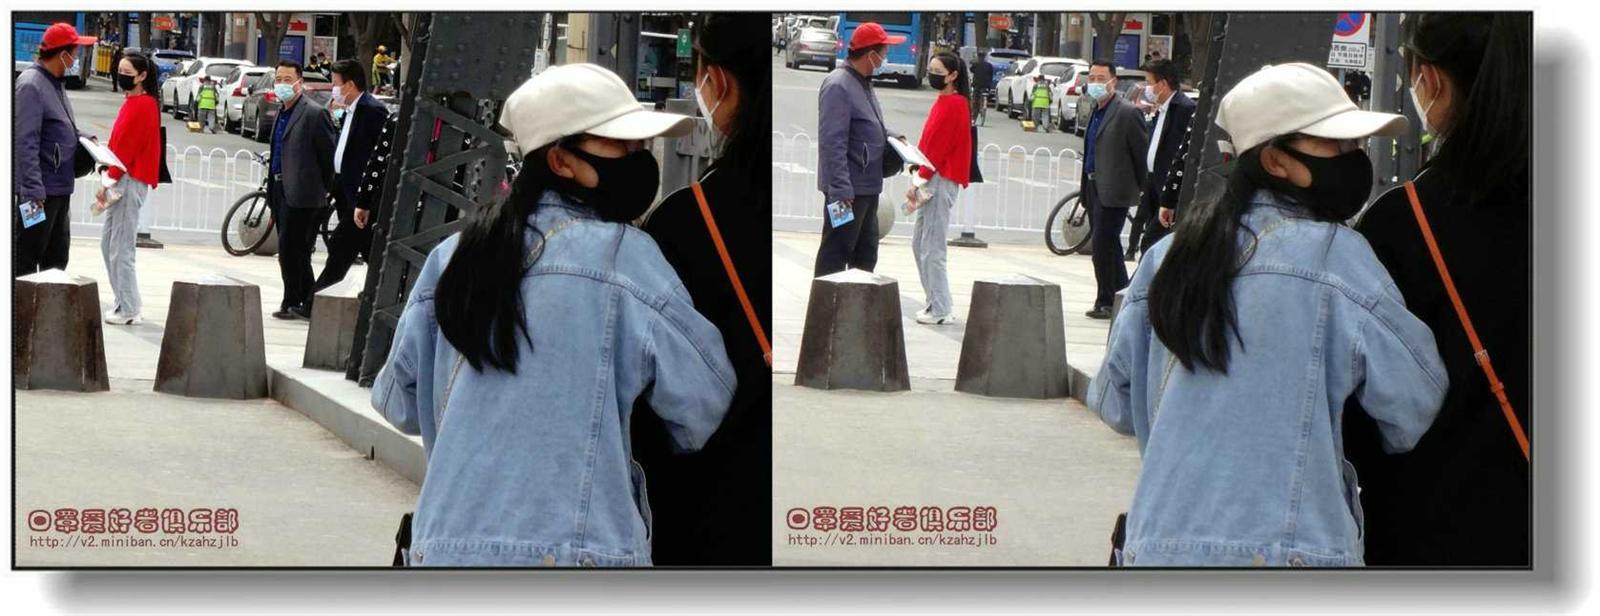 【原创】 街拍-红衣少女 -1